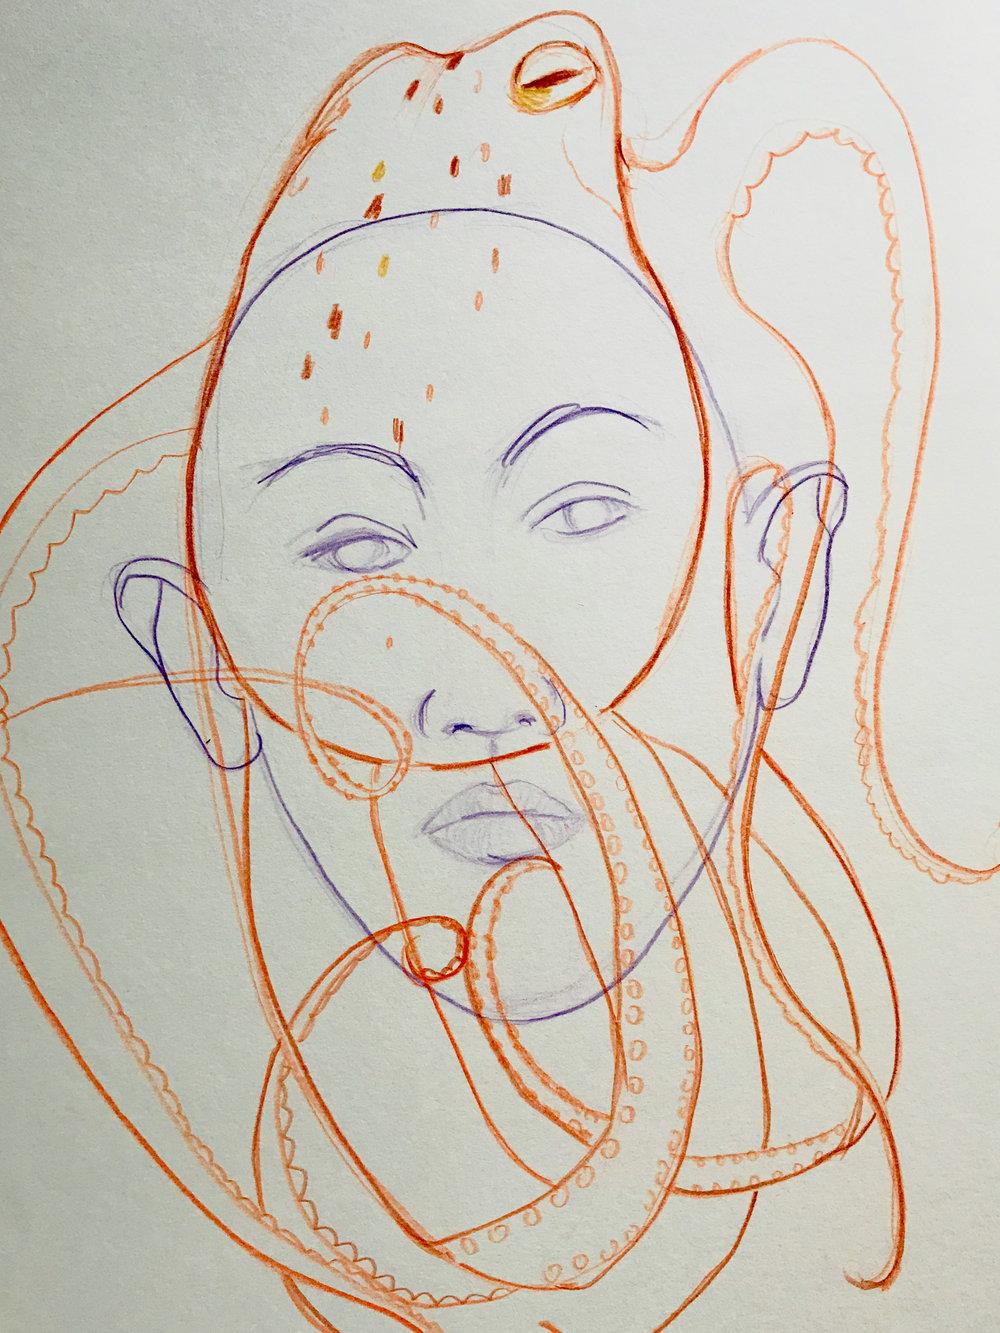 octopus aus der serie ANIMA(L)  Zeichnung auf Papier; 40x60 cm, 2013